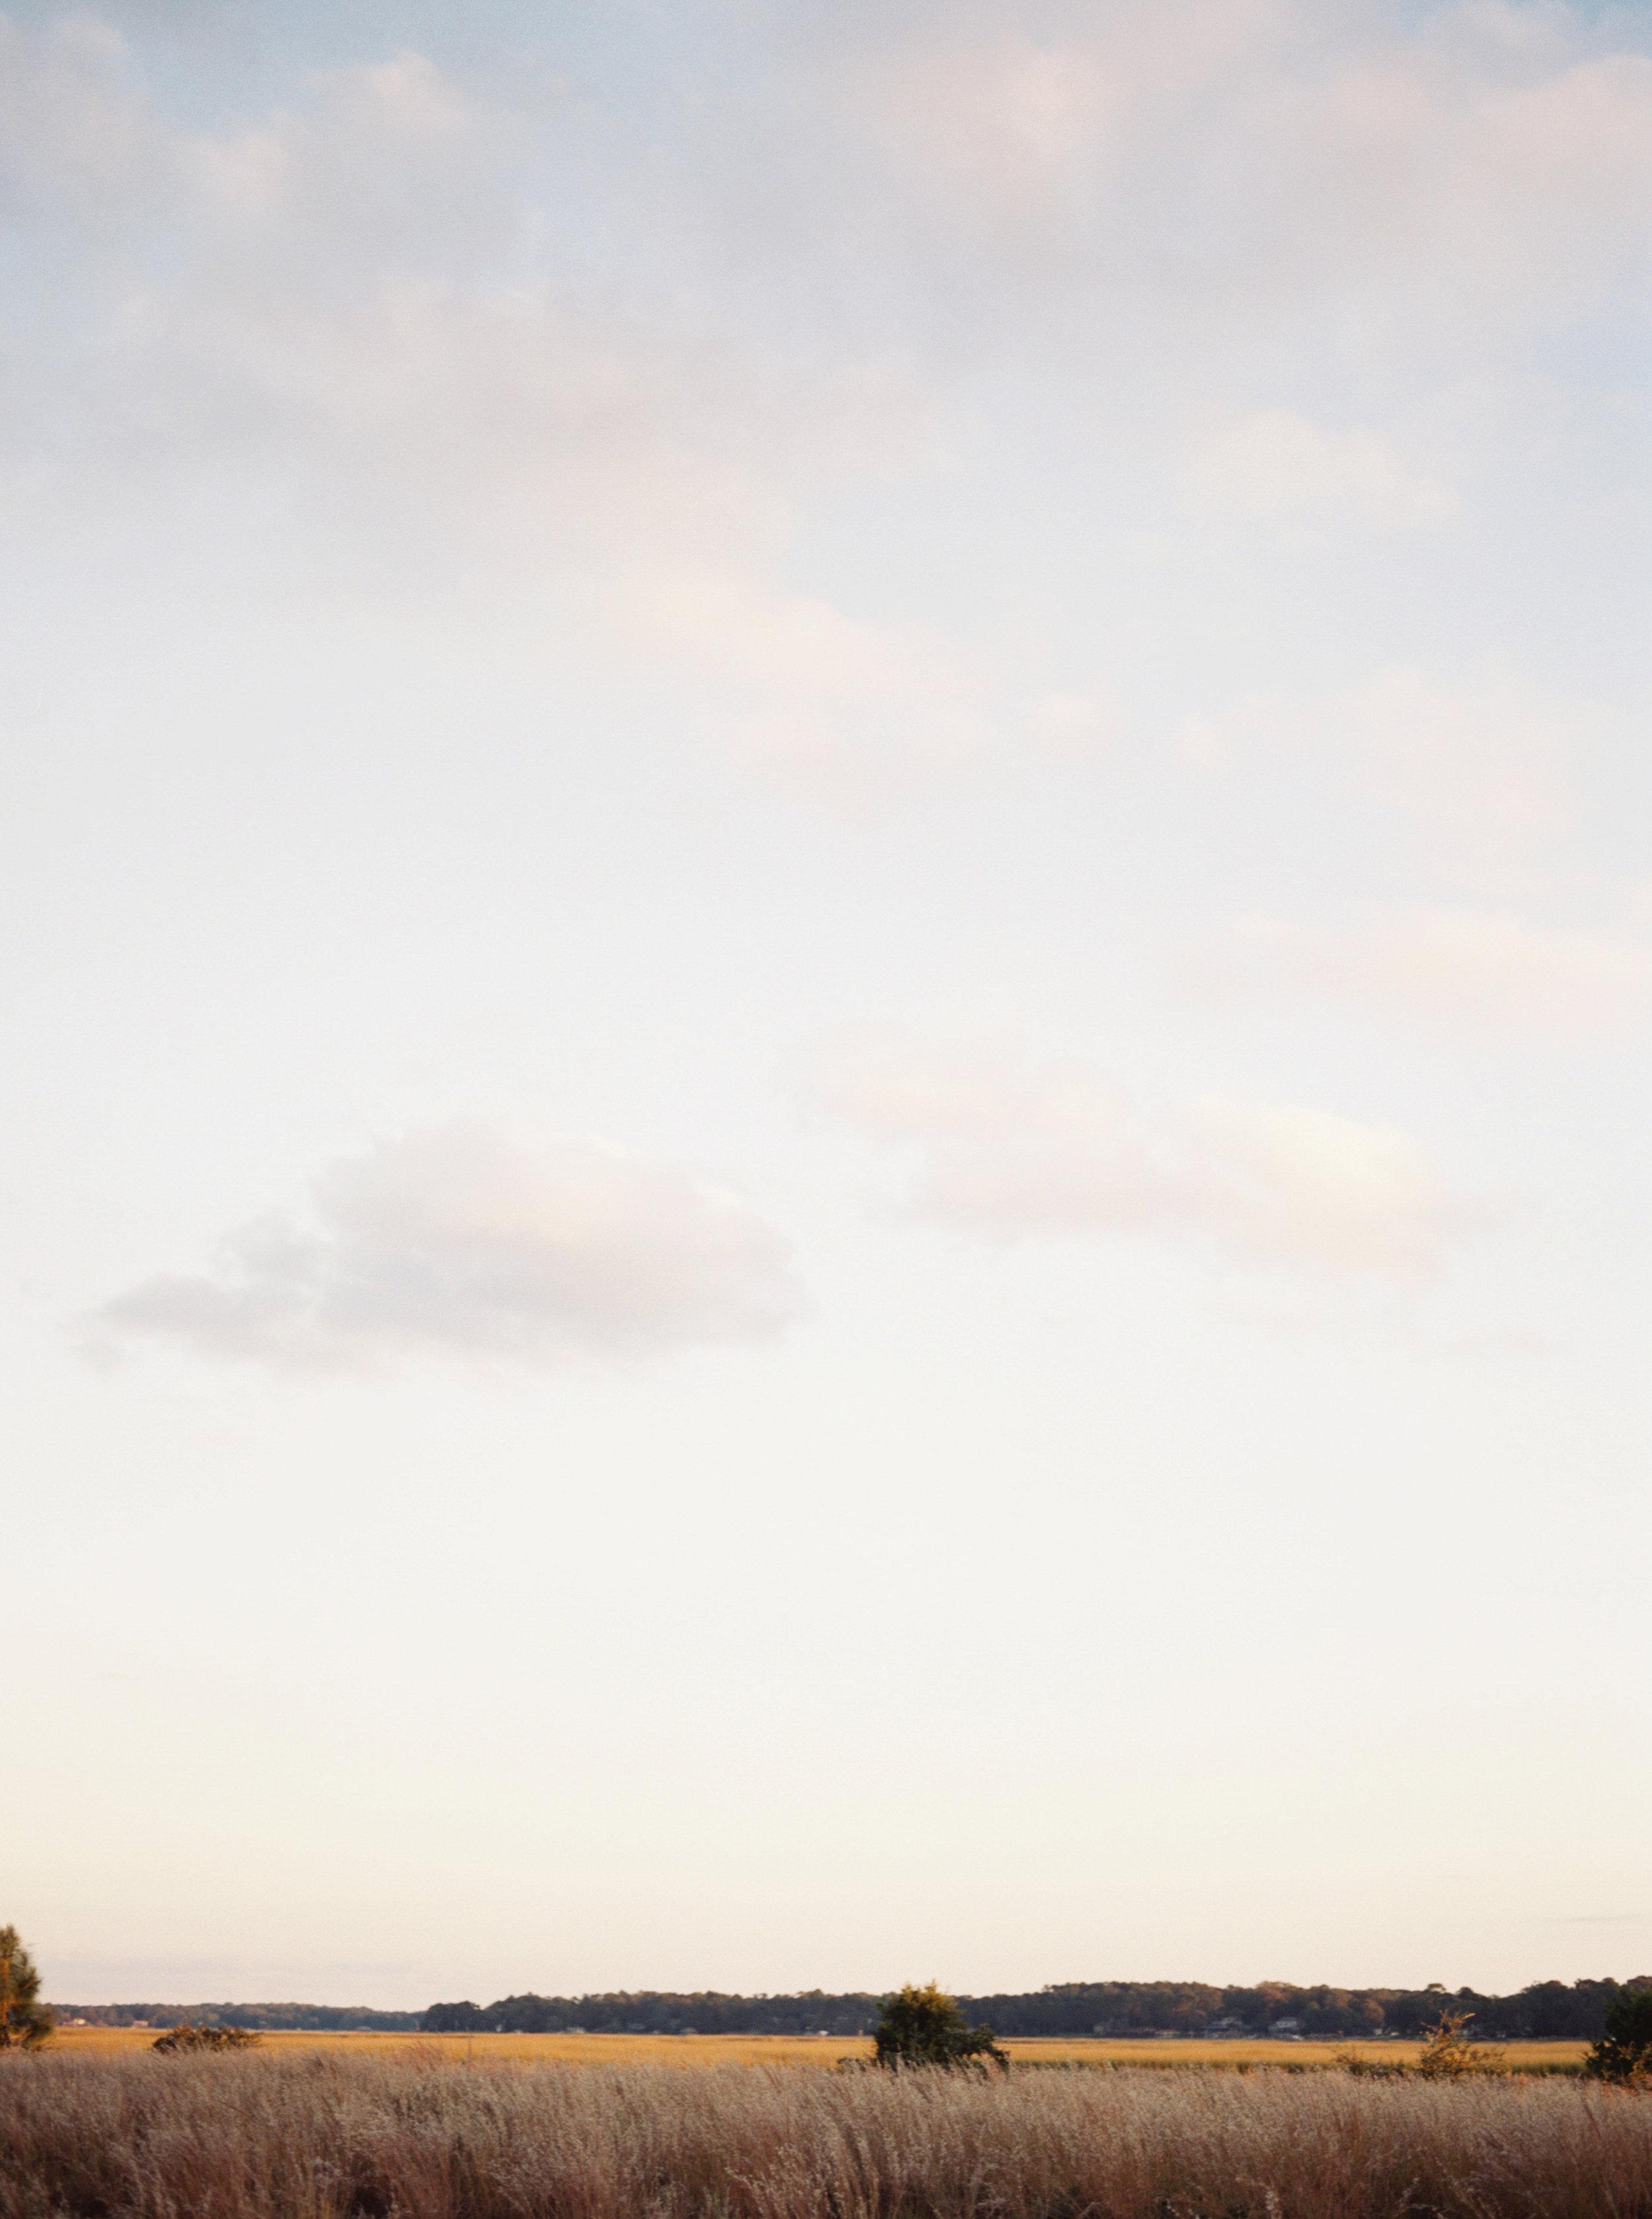 Chaine_DayAfter-0070.JPG